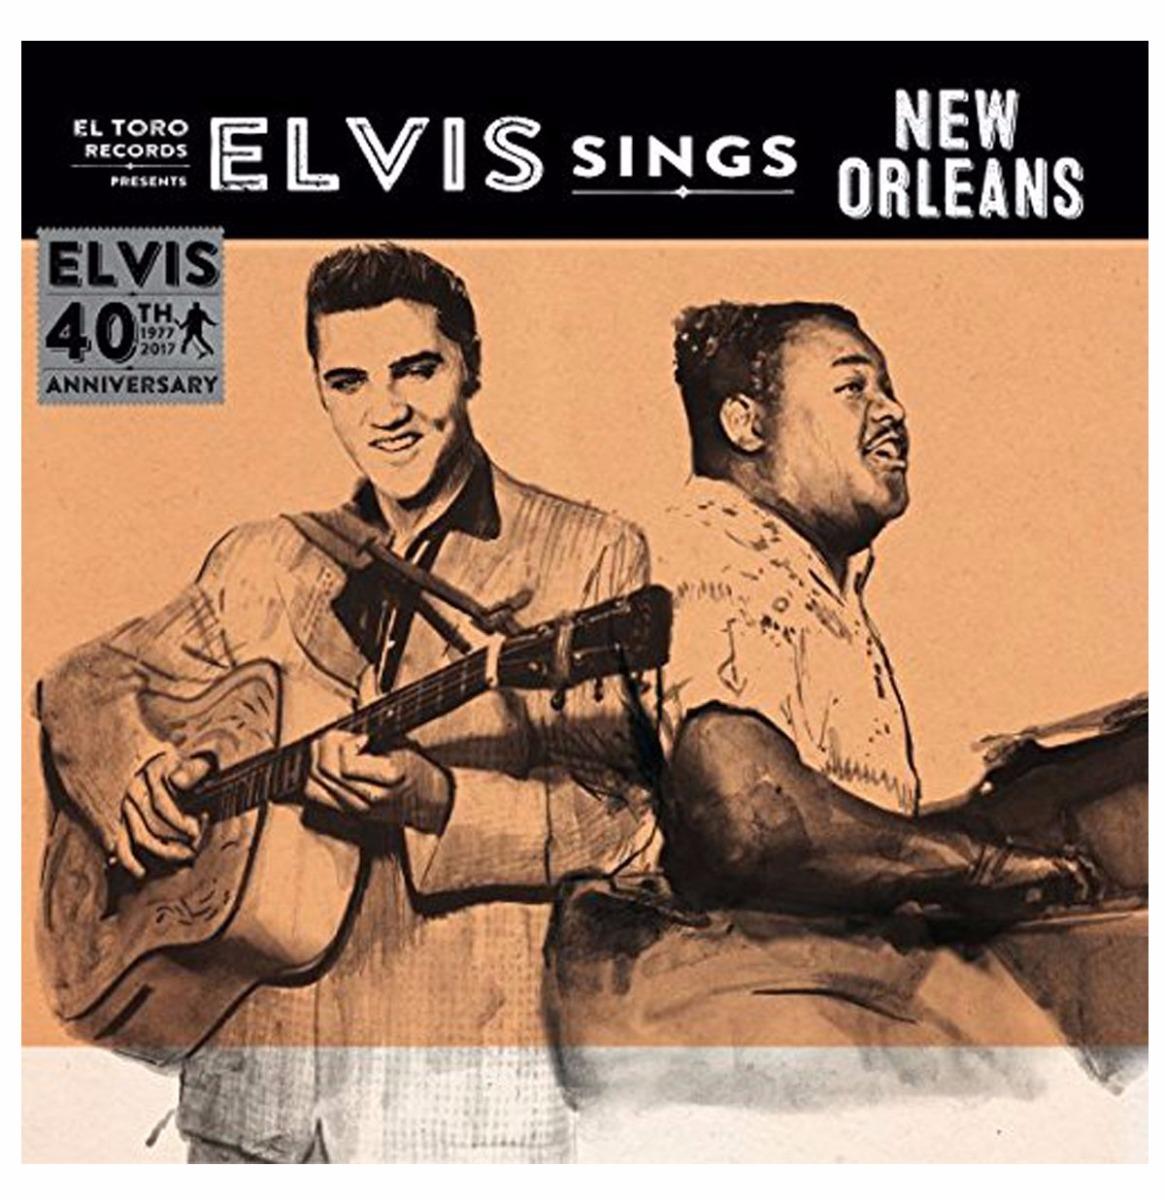 Elvis Presley Sings New Orleans EP